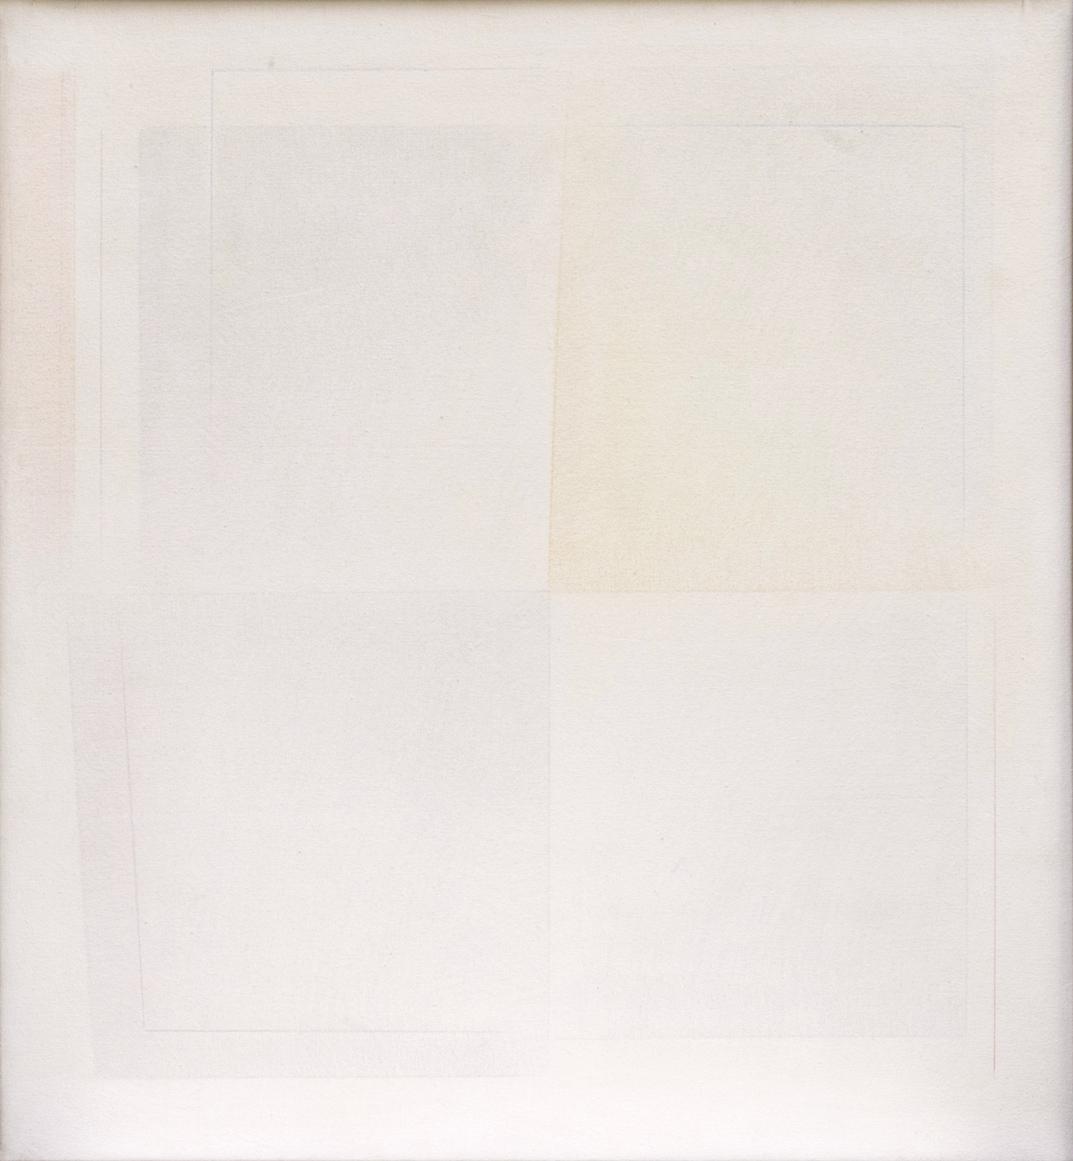 Guarneri-Riccardo_Alternati-grigio+giallo_1975_tecnica-mista-su-tela_65x60cm_e